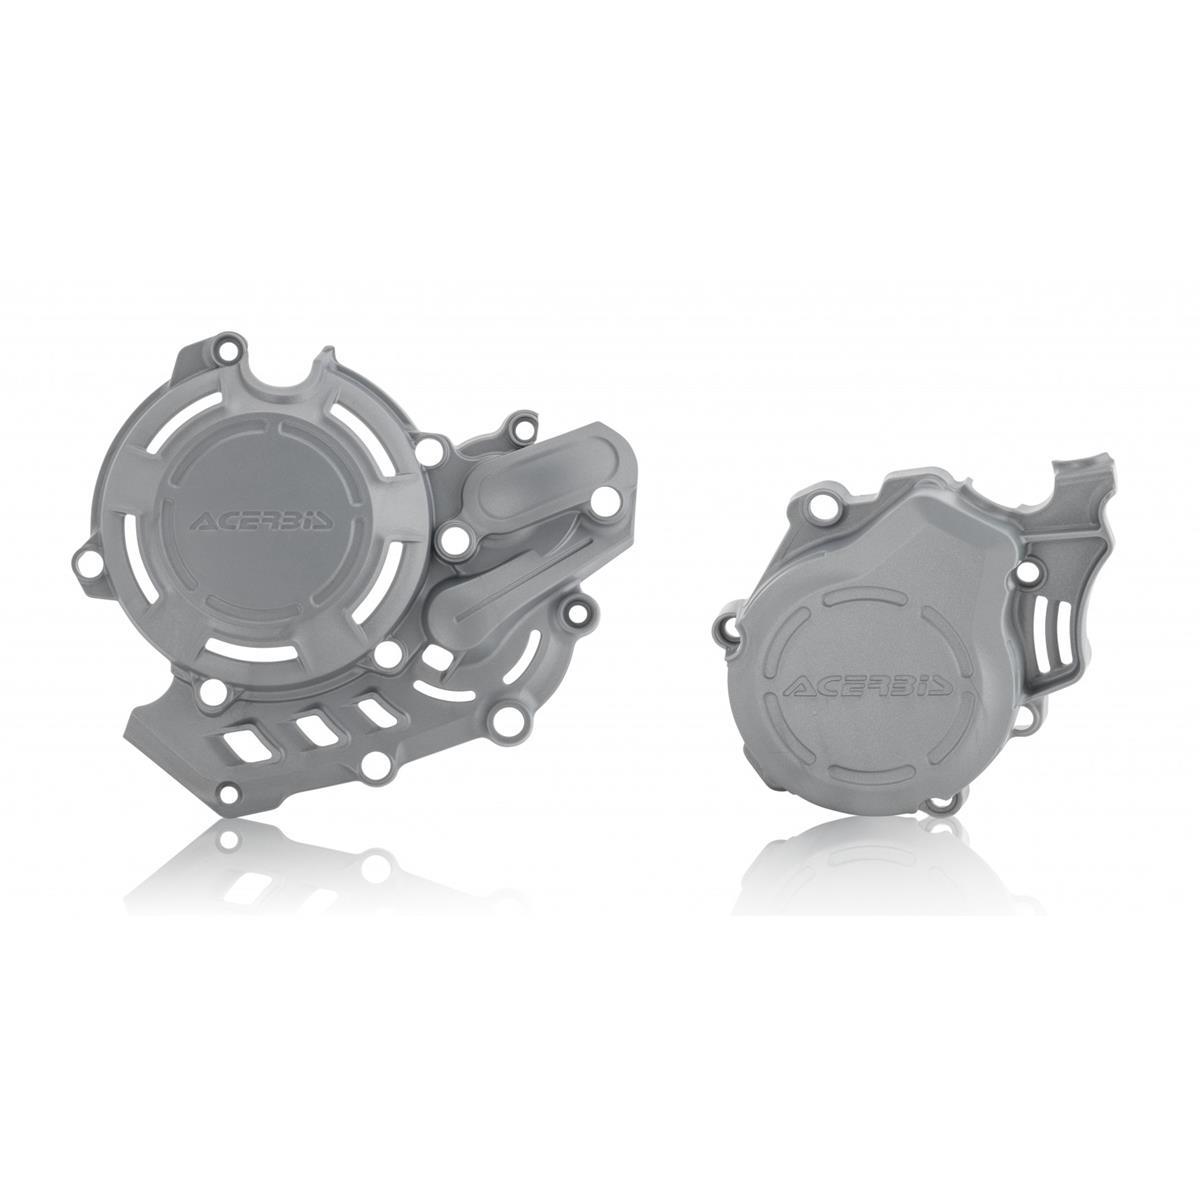 Acerbis Kupplungs/Zündungsdeckelschutz X-Power KTM EXC-F 450/500 17-19, SX-F 450 16-19, Husqvarna FC 450 16-19, FE 450 17-19, FE 501 2019, Silber